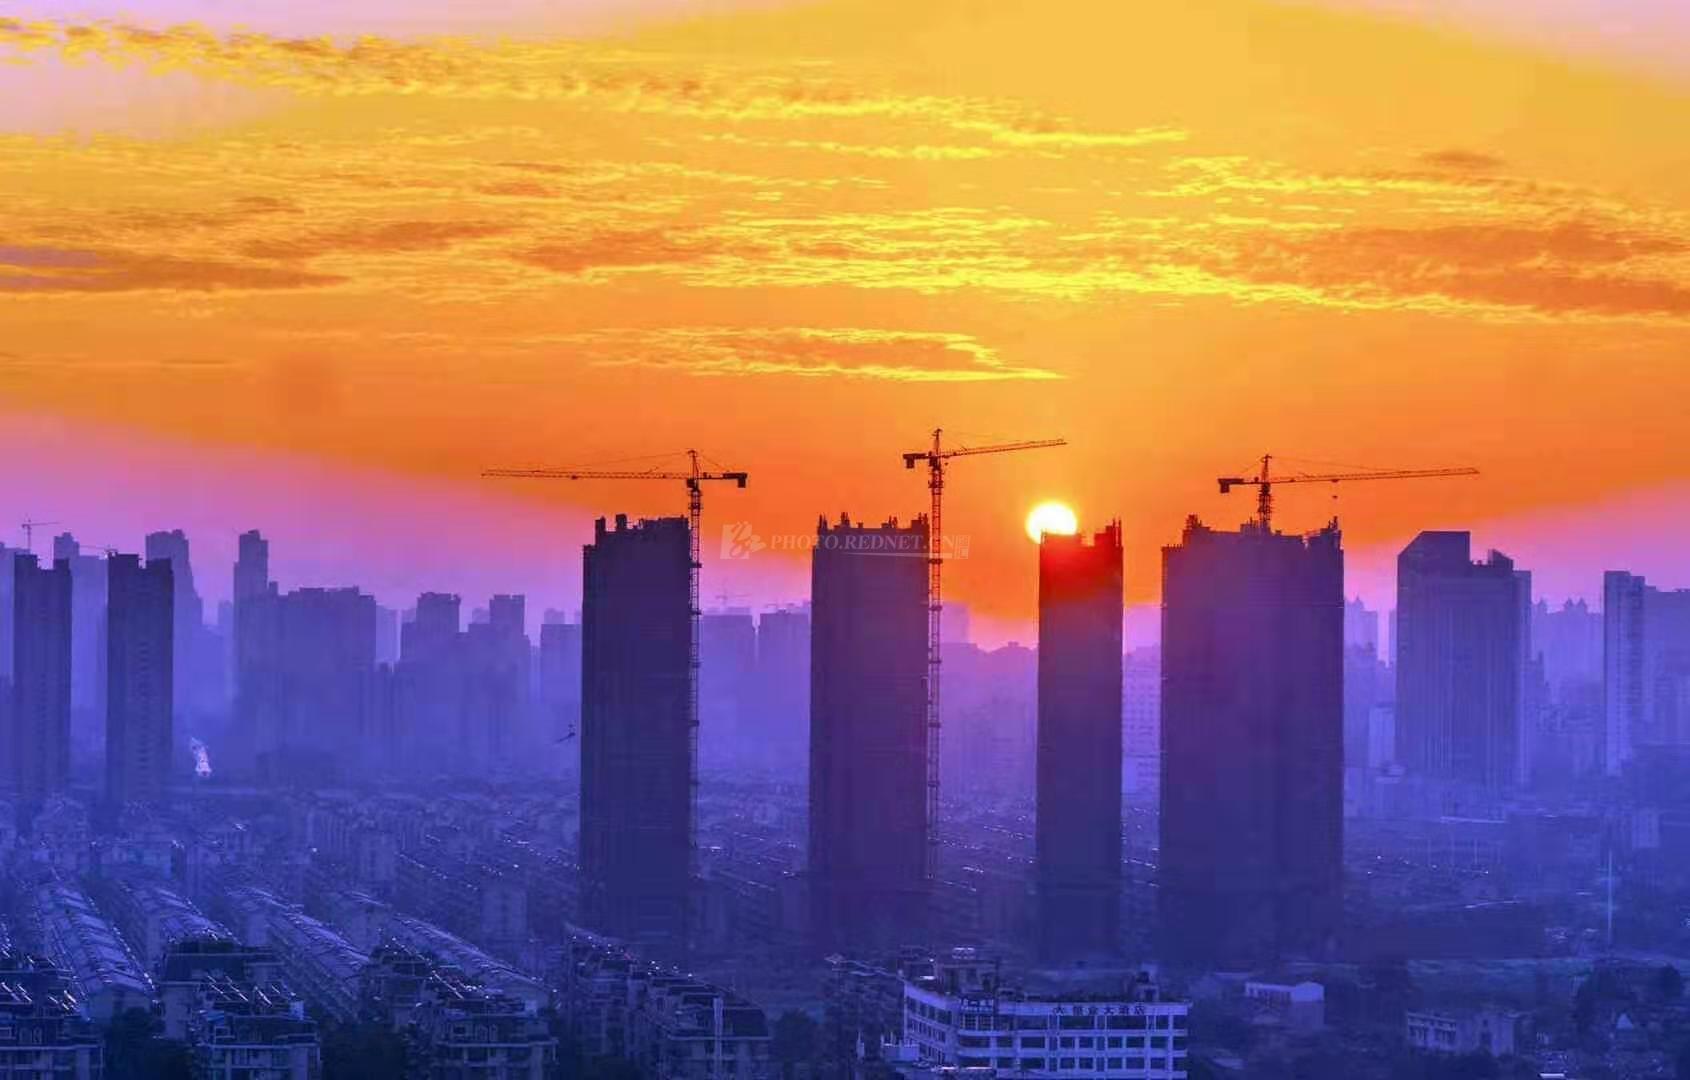 10月21日,金秋的长沙,红日东升,光芒万丈,大地辉煌。(图/吴非)